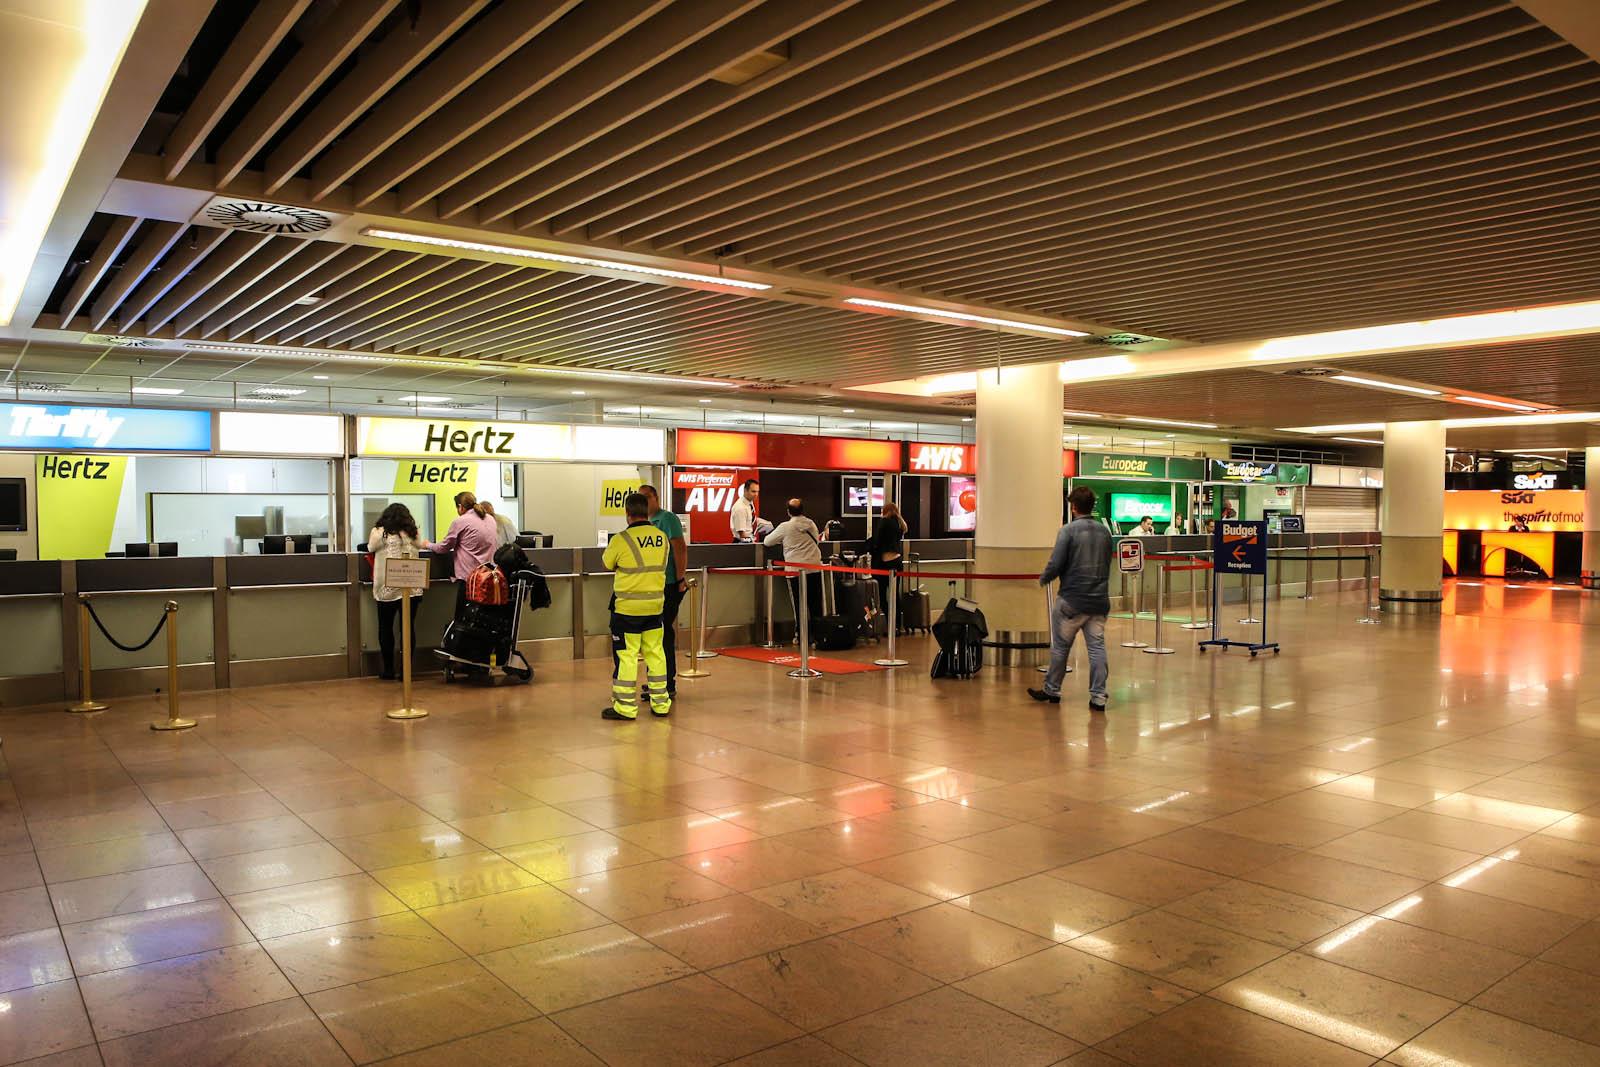 Офисы автопрокатных компаний в пирсе B аэропорта Брюссель